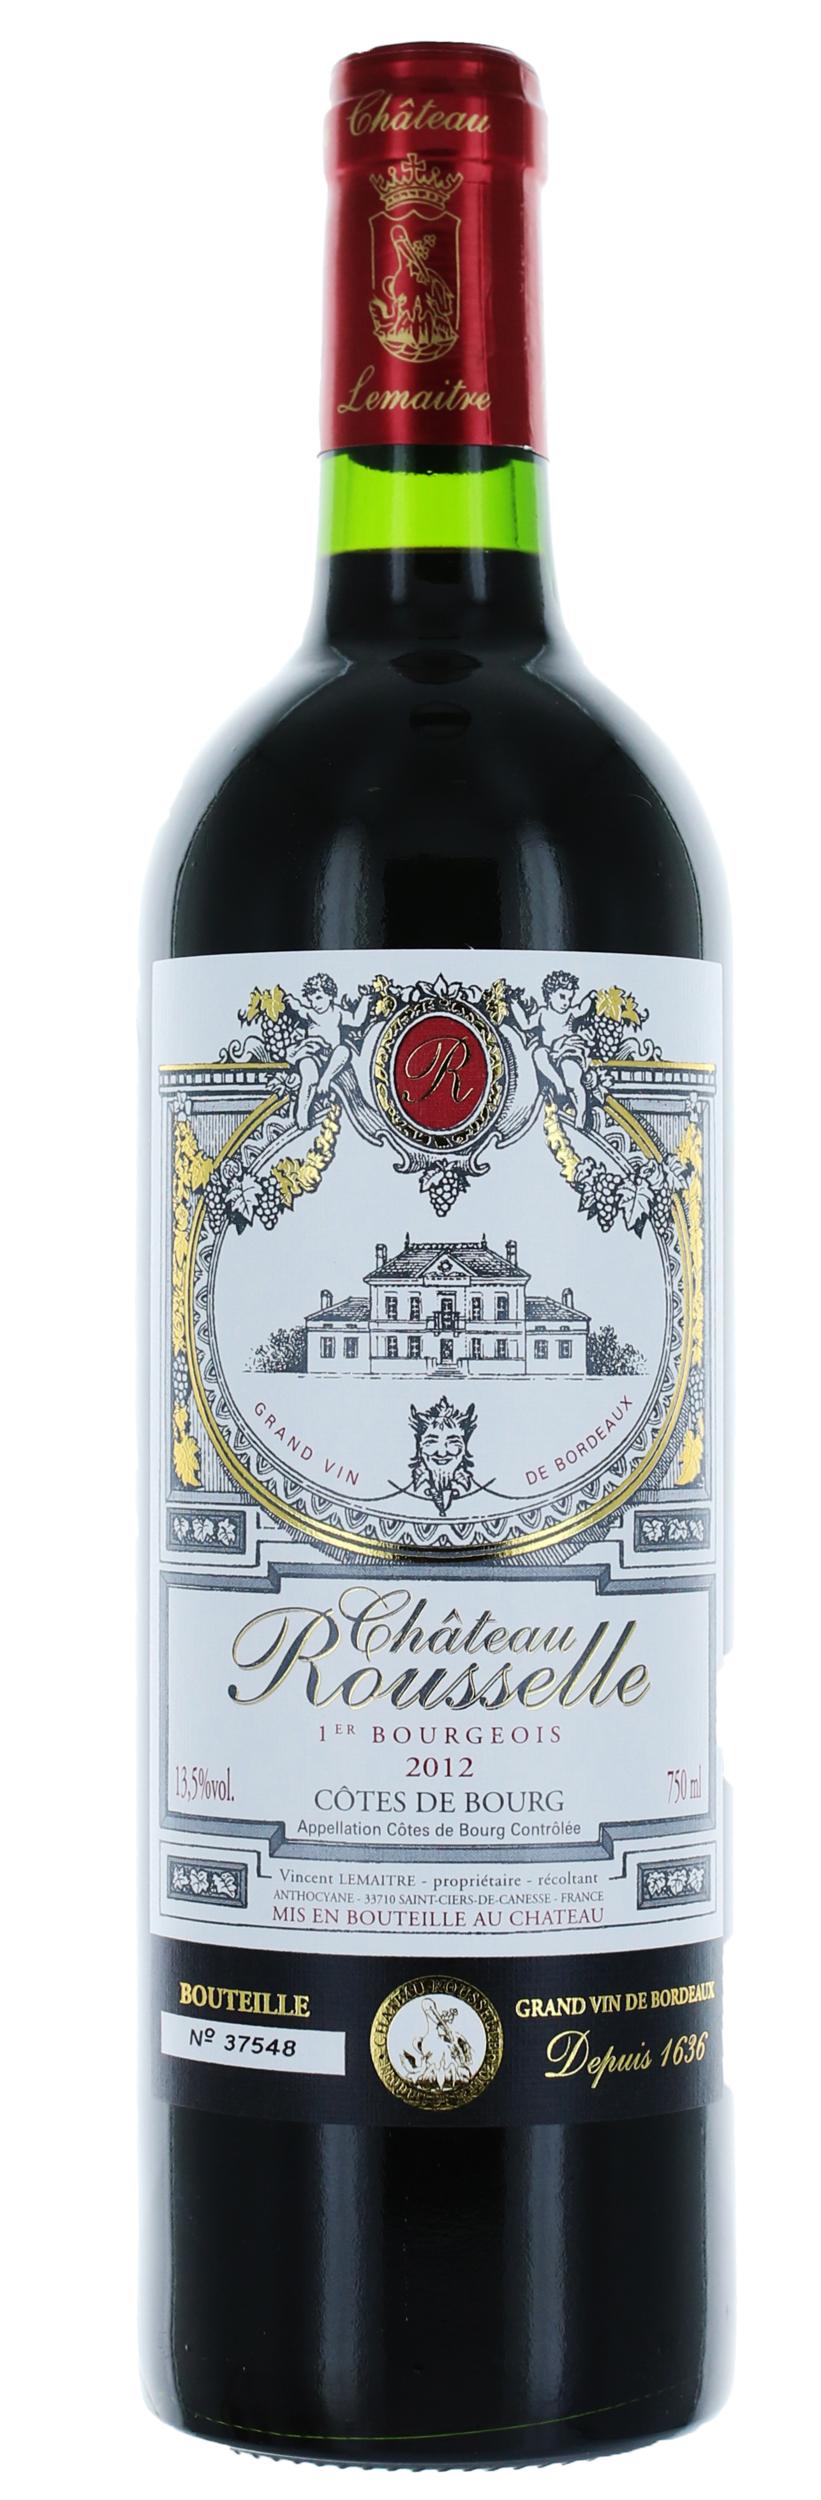 Côtes de Bourg - Château Rousselle - Vignobles Lemaitre - 2016 - 37,5cl